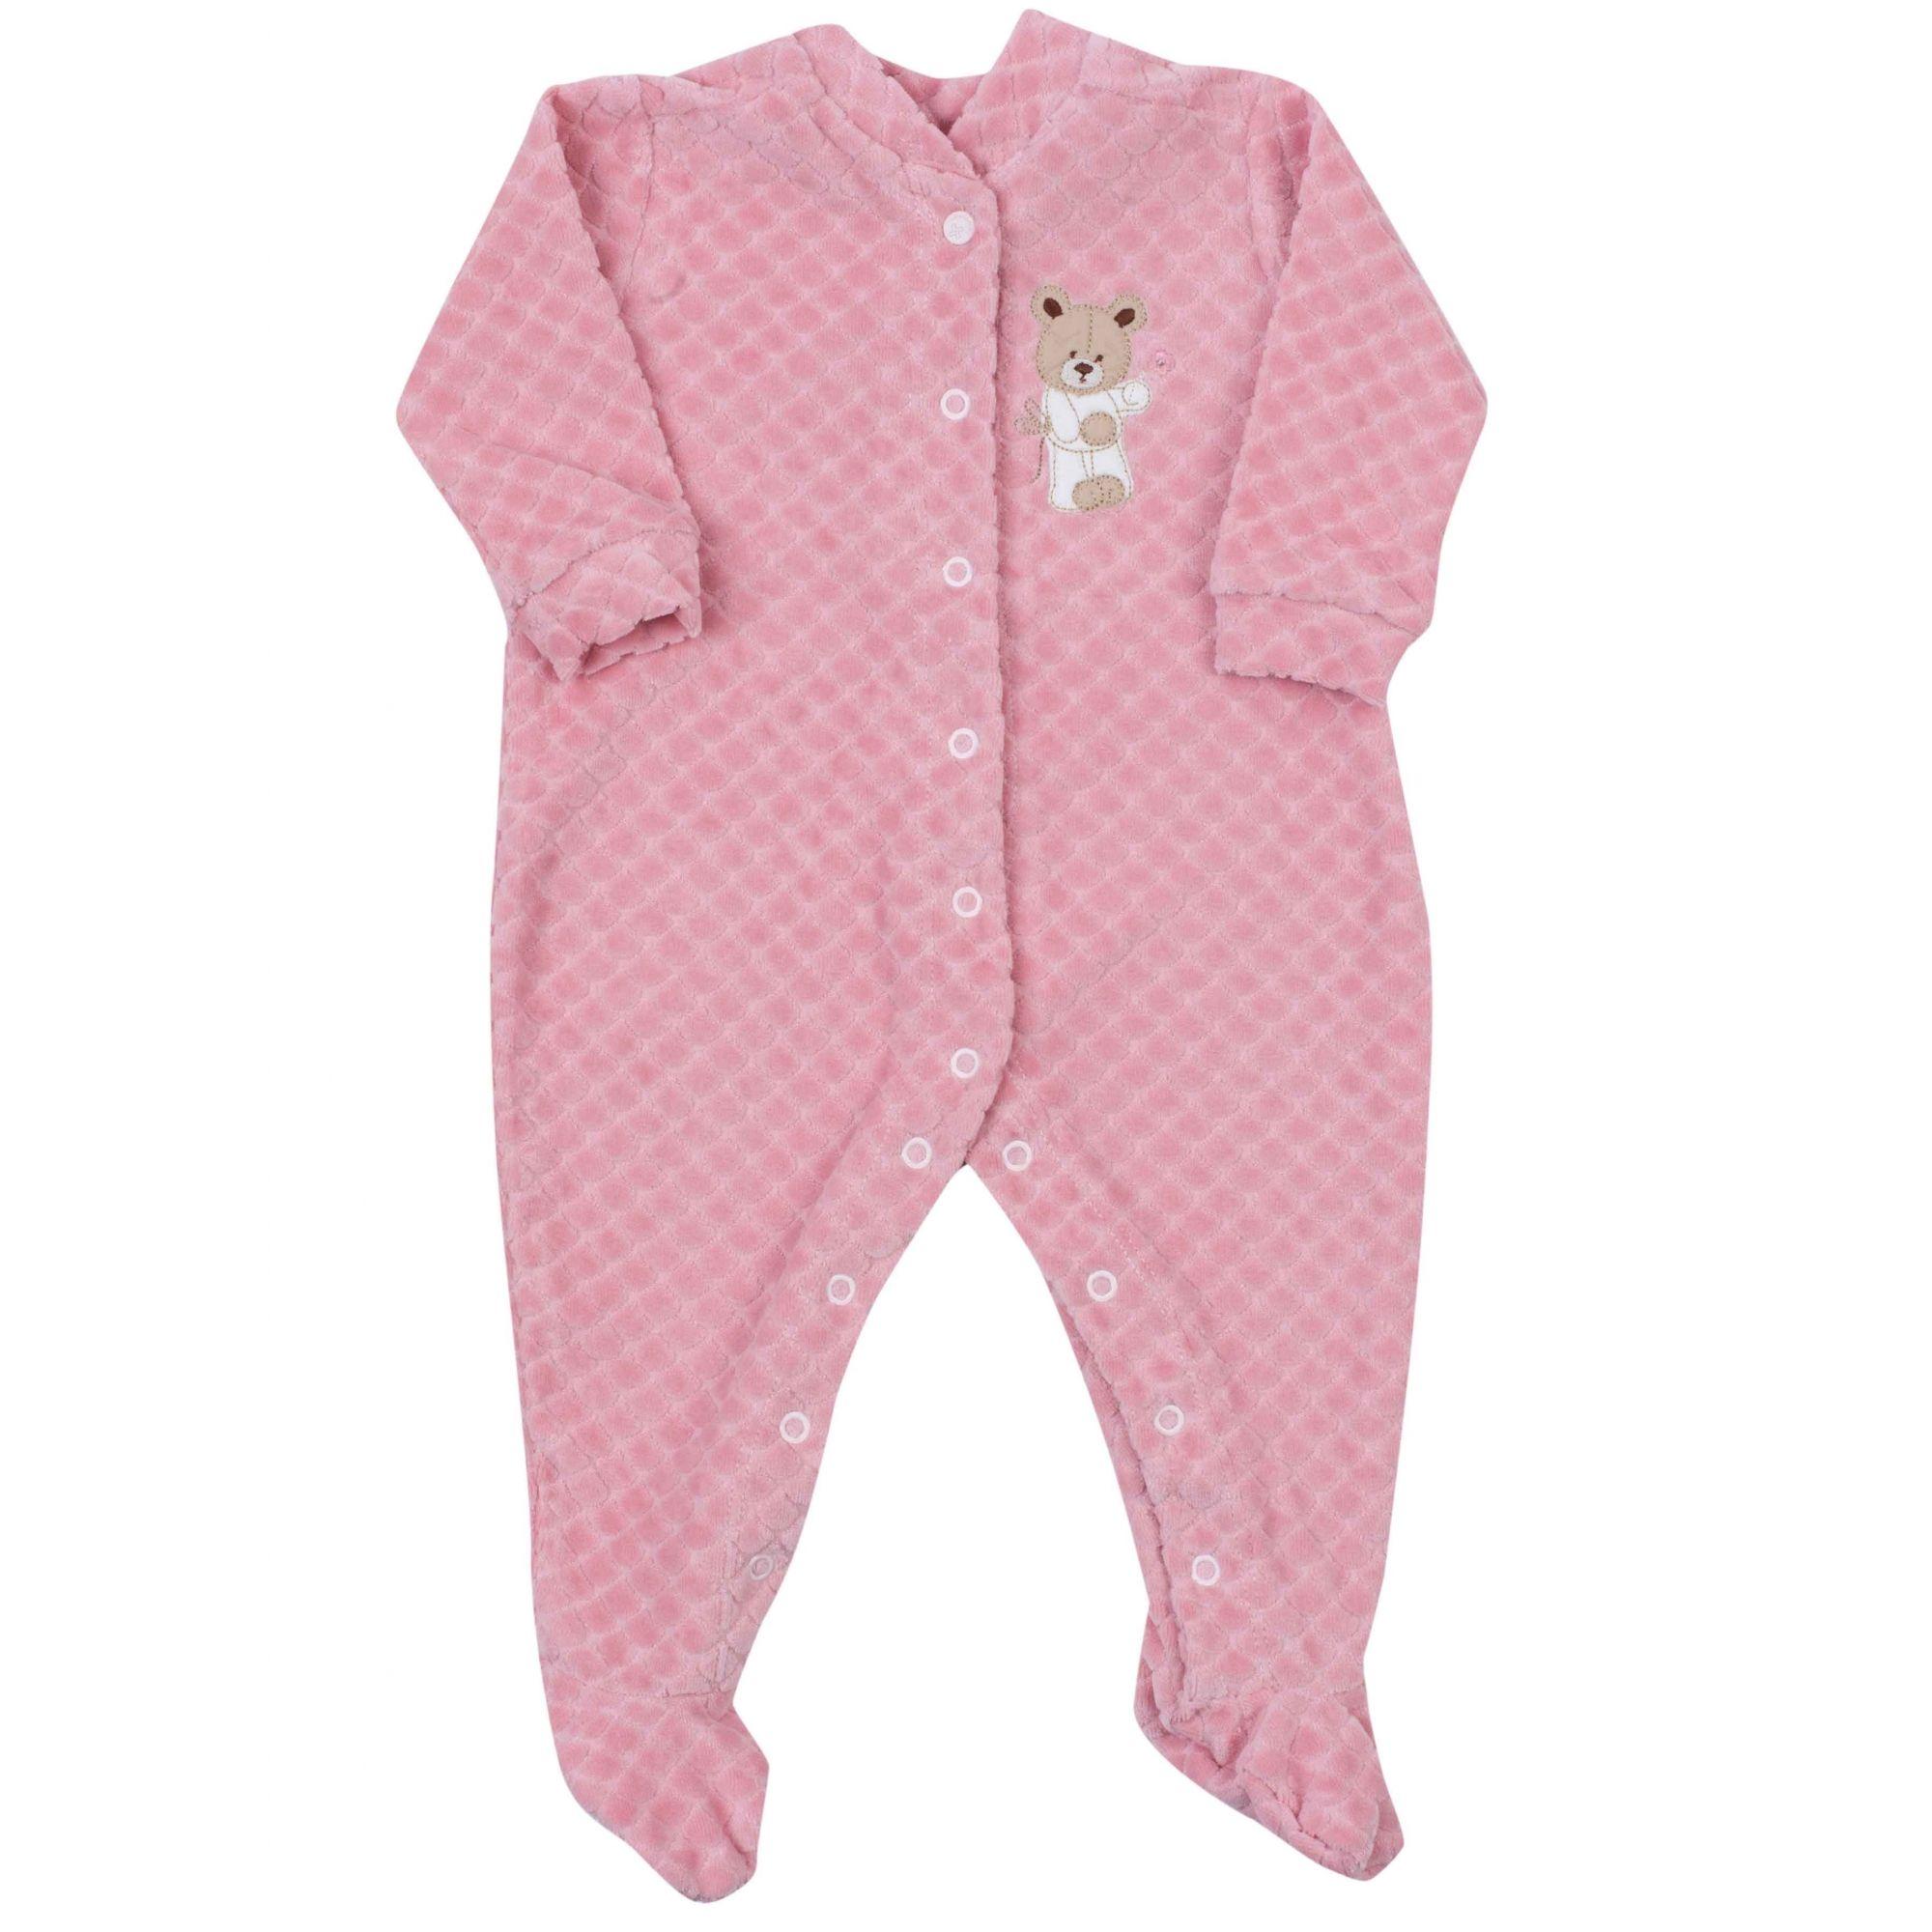 Macacão Bebê Coquelicot com Botão e Pé Estampado Creme Ursinho Rosa